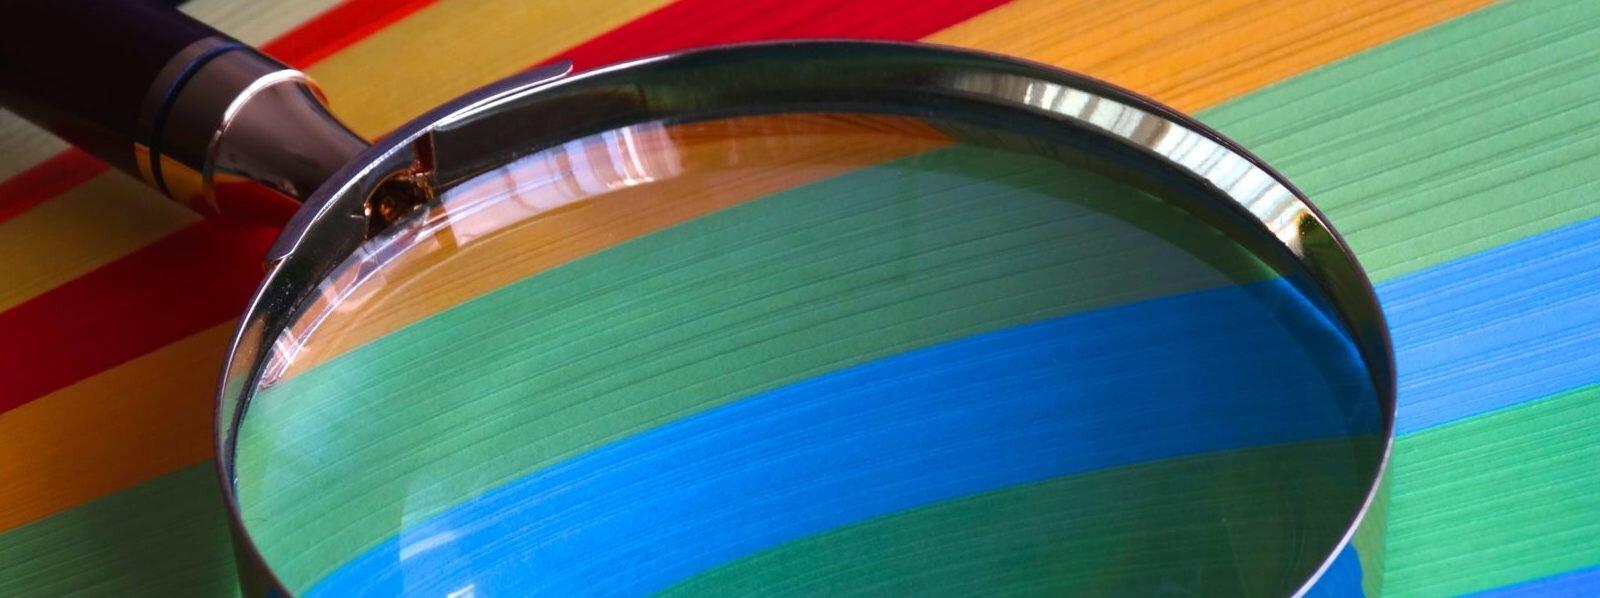 bright-close-up-color-268460-e1564593697688-1600x598.jpg